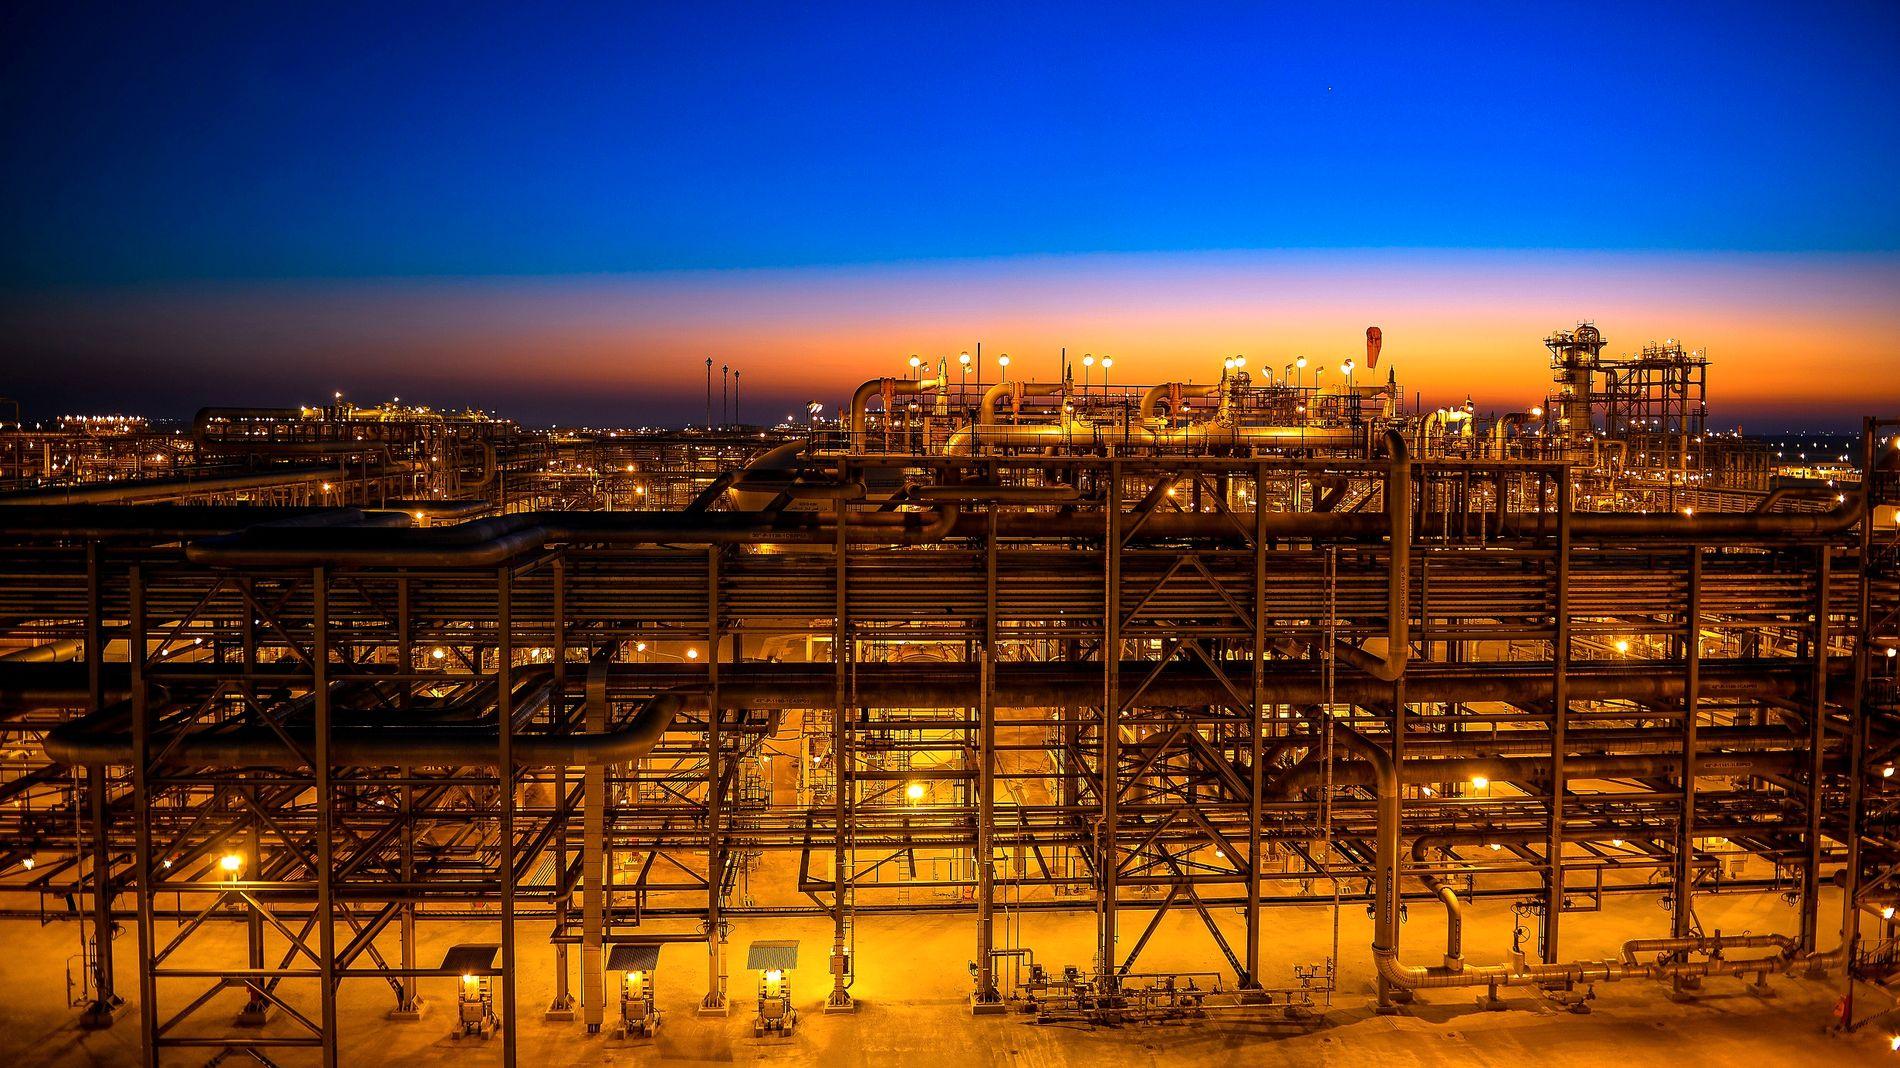 FORLENGER KUTT: Oljeprisen hoppet opp over 1,5 % da det ble klart at Saudi-Arabia og Russland er enige om å forlenge produksjonskuttene. 25. mai samles Opec til møter i Wien. – Får de ikke en avtale er det en fallitterklæring, sier oljeekspert Thina Saltvedt.